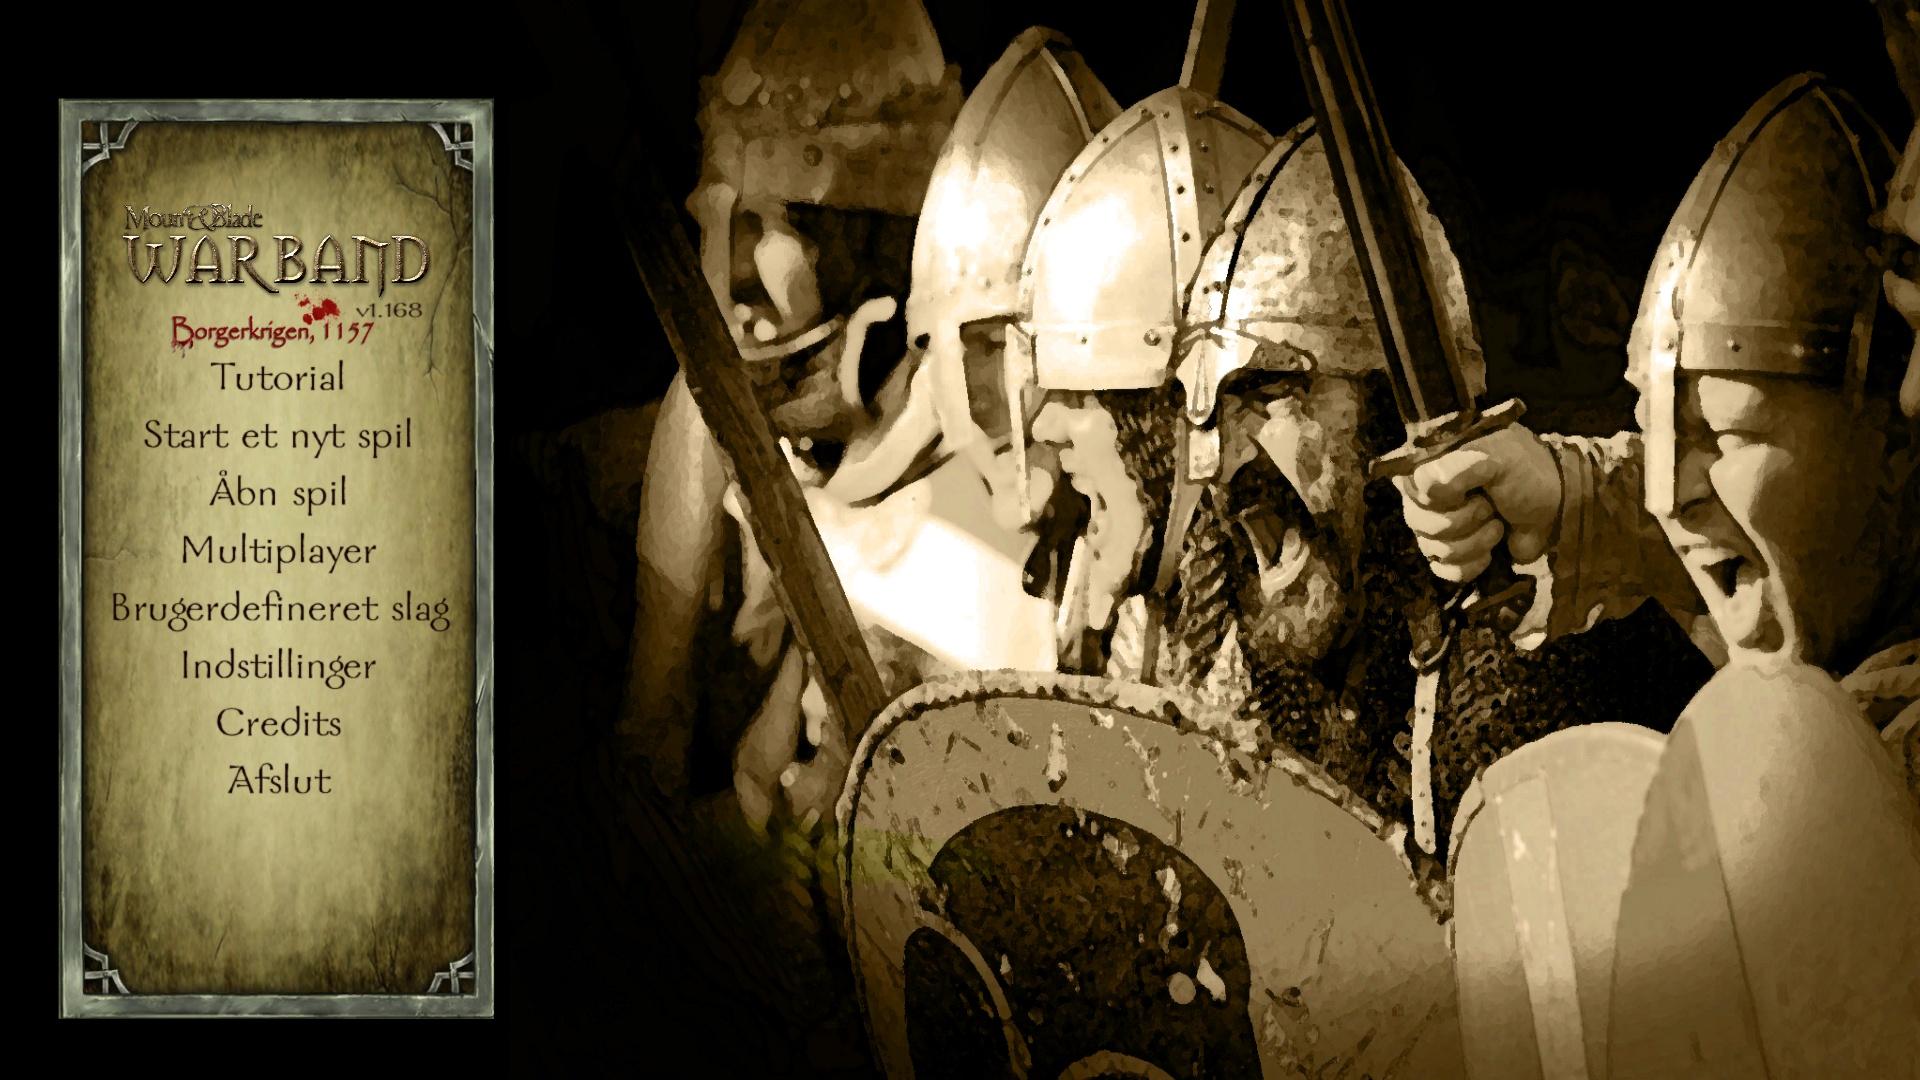 [SP][EN] Borgerkrigen 1157 (La guerra civil danesa 1157) Mb2